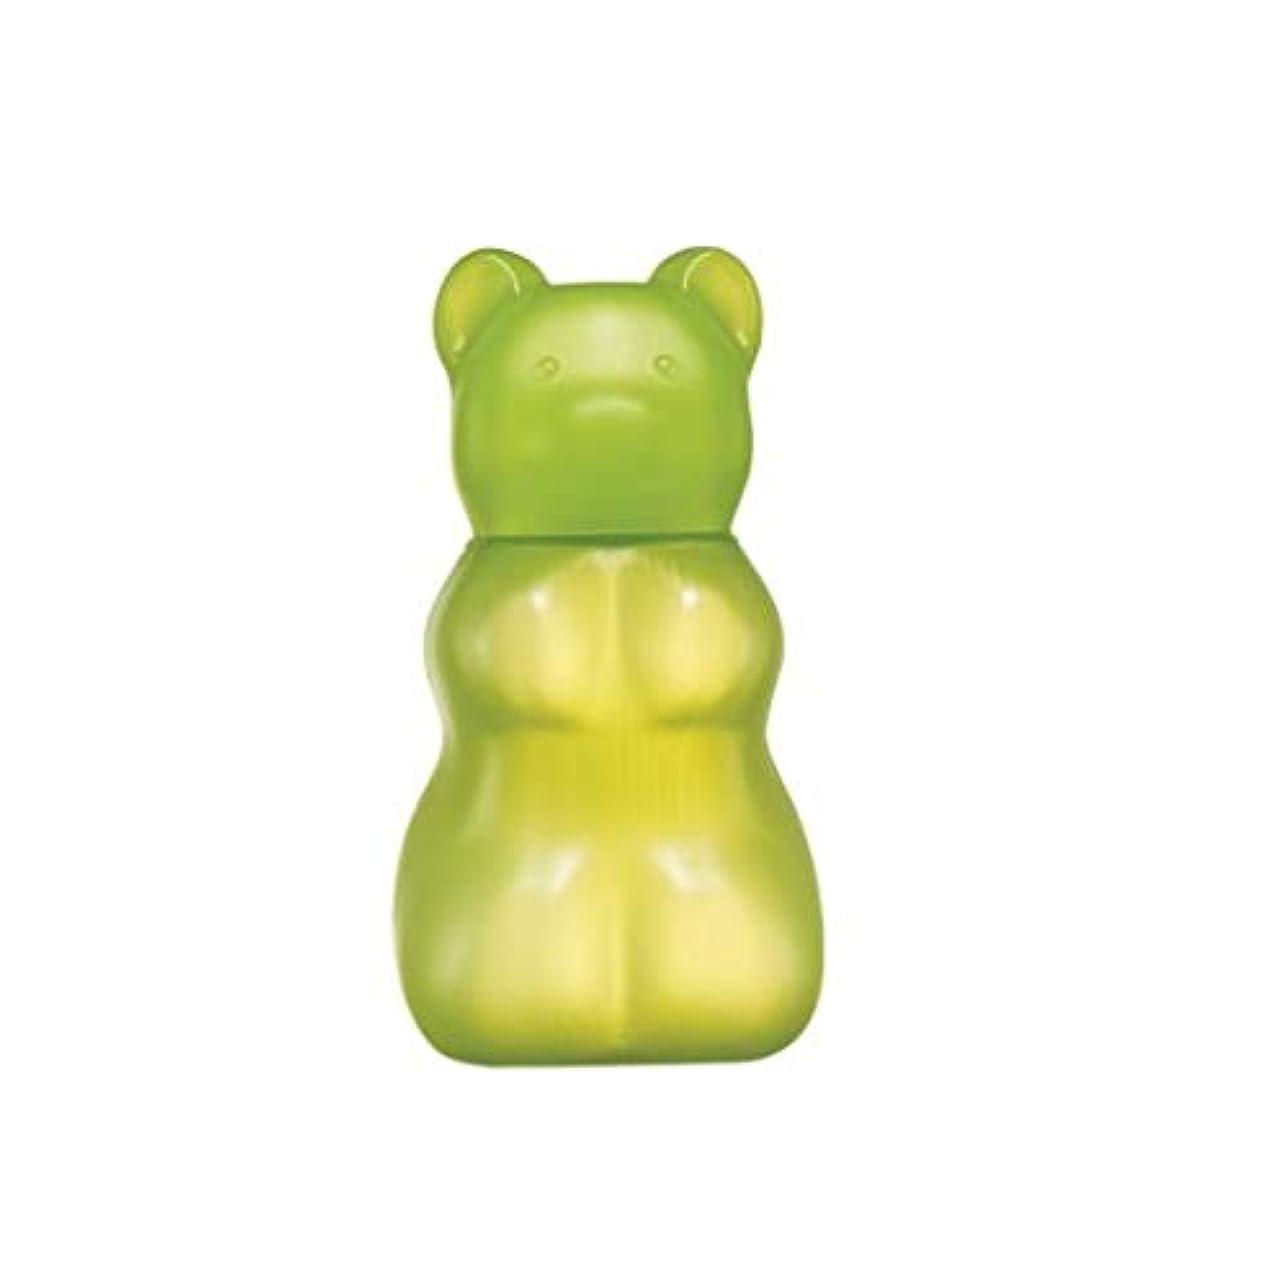 ファン脚本十一Skinfood グミベアゼリークリーンジェル(アップル)#キーウィ(ハンドジェル) / Gummy Bear Jelly Clean Gel (Apple) #Kiwi (Hand Gel) 45ml [並行輸入品]